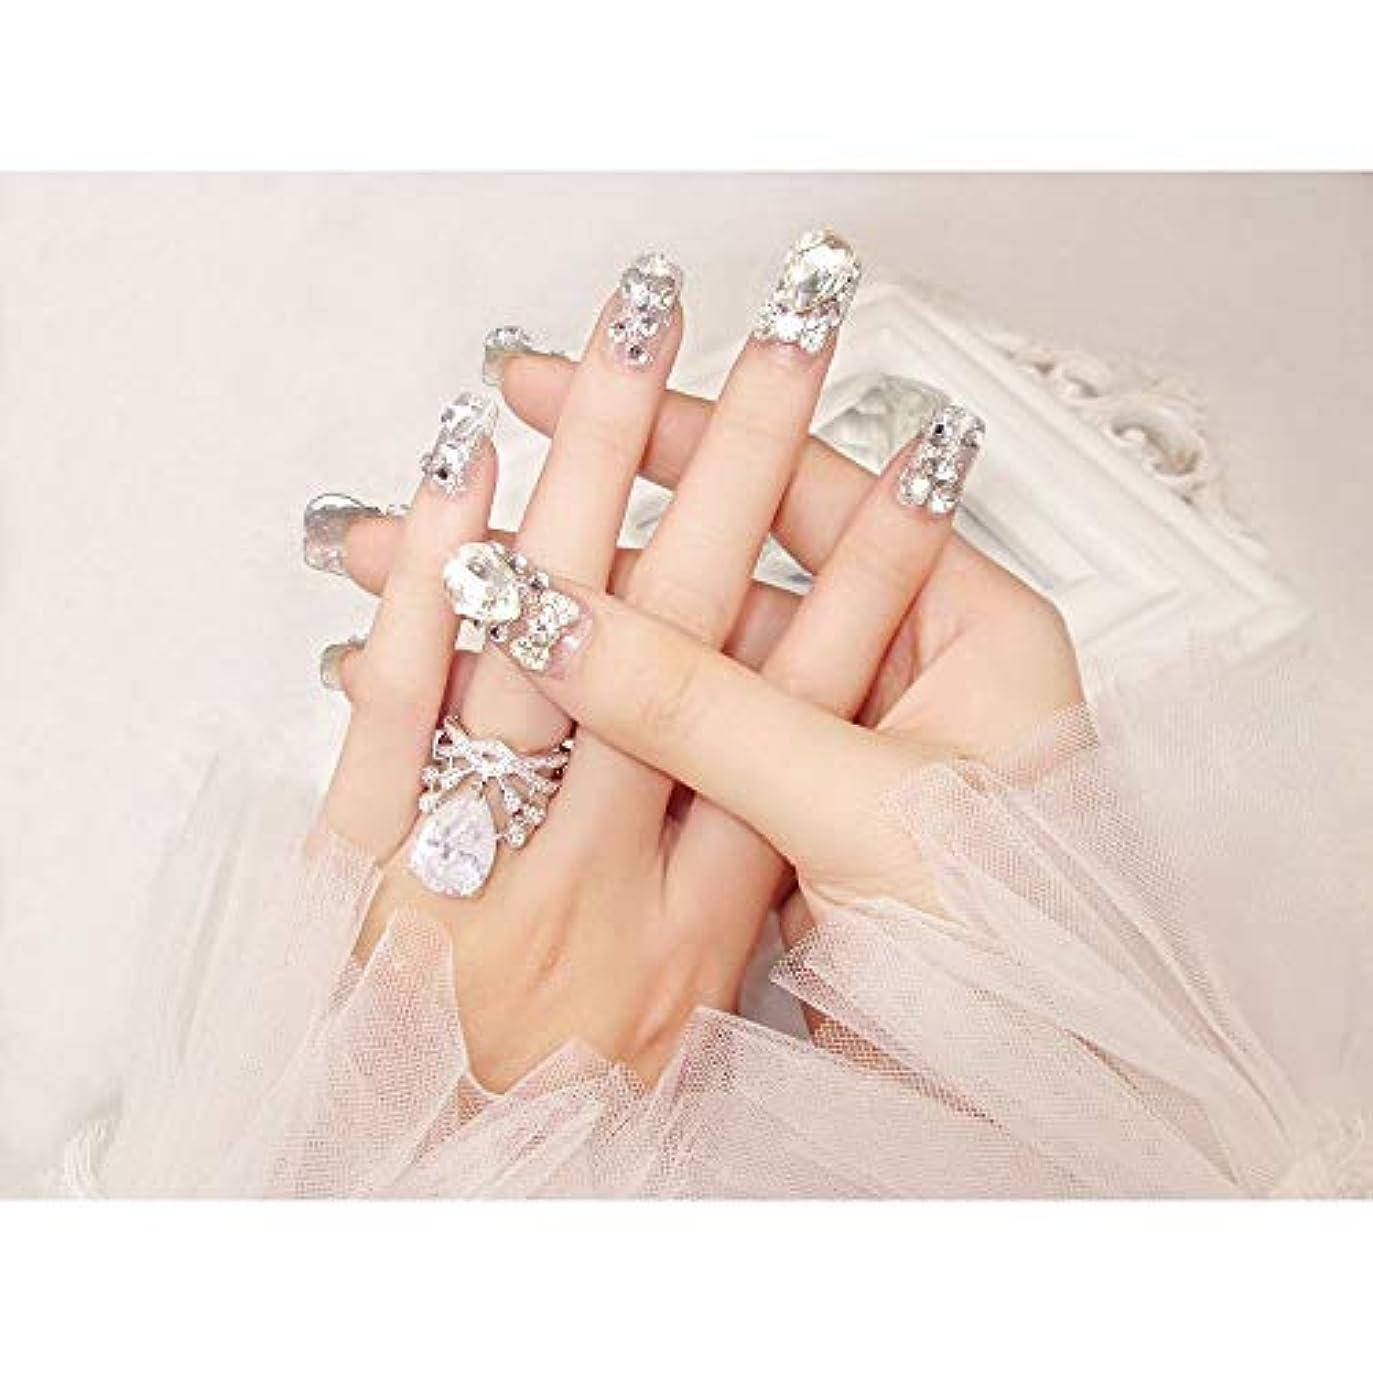 該当する有毒ネブLVUITTON 完成した偽の釘24ピース箱入り花嫁シャイニー偽の爪の宝石ダイヤモンドの宝石ブライダルネイルステッカー (色 : 24 pieces)